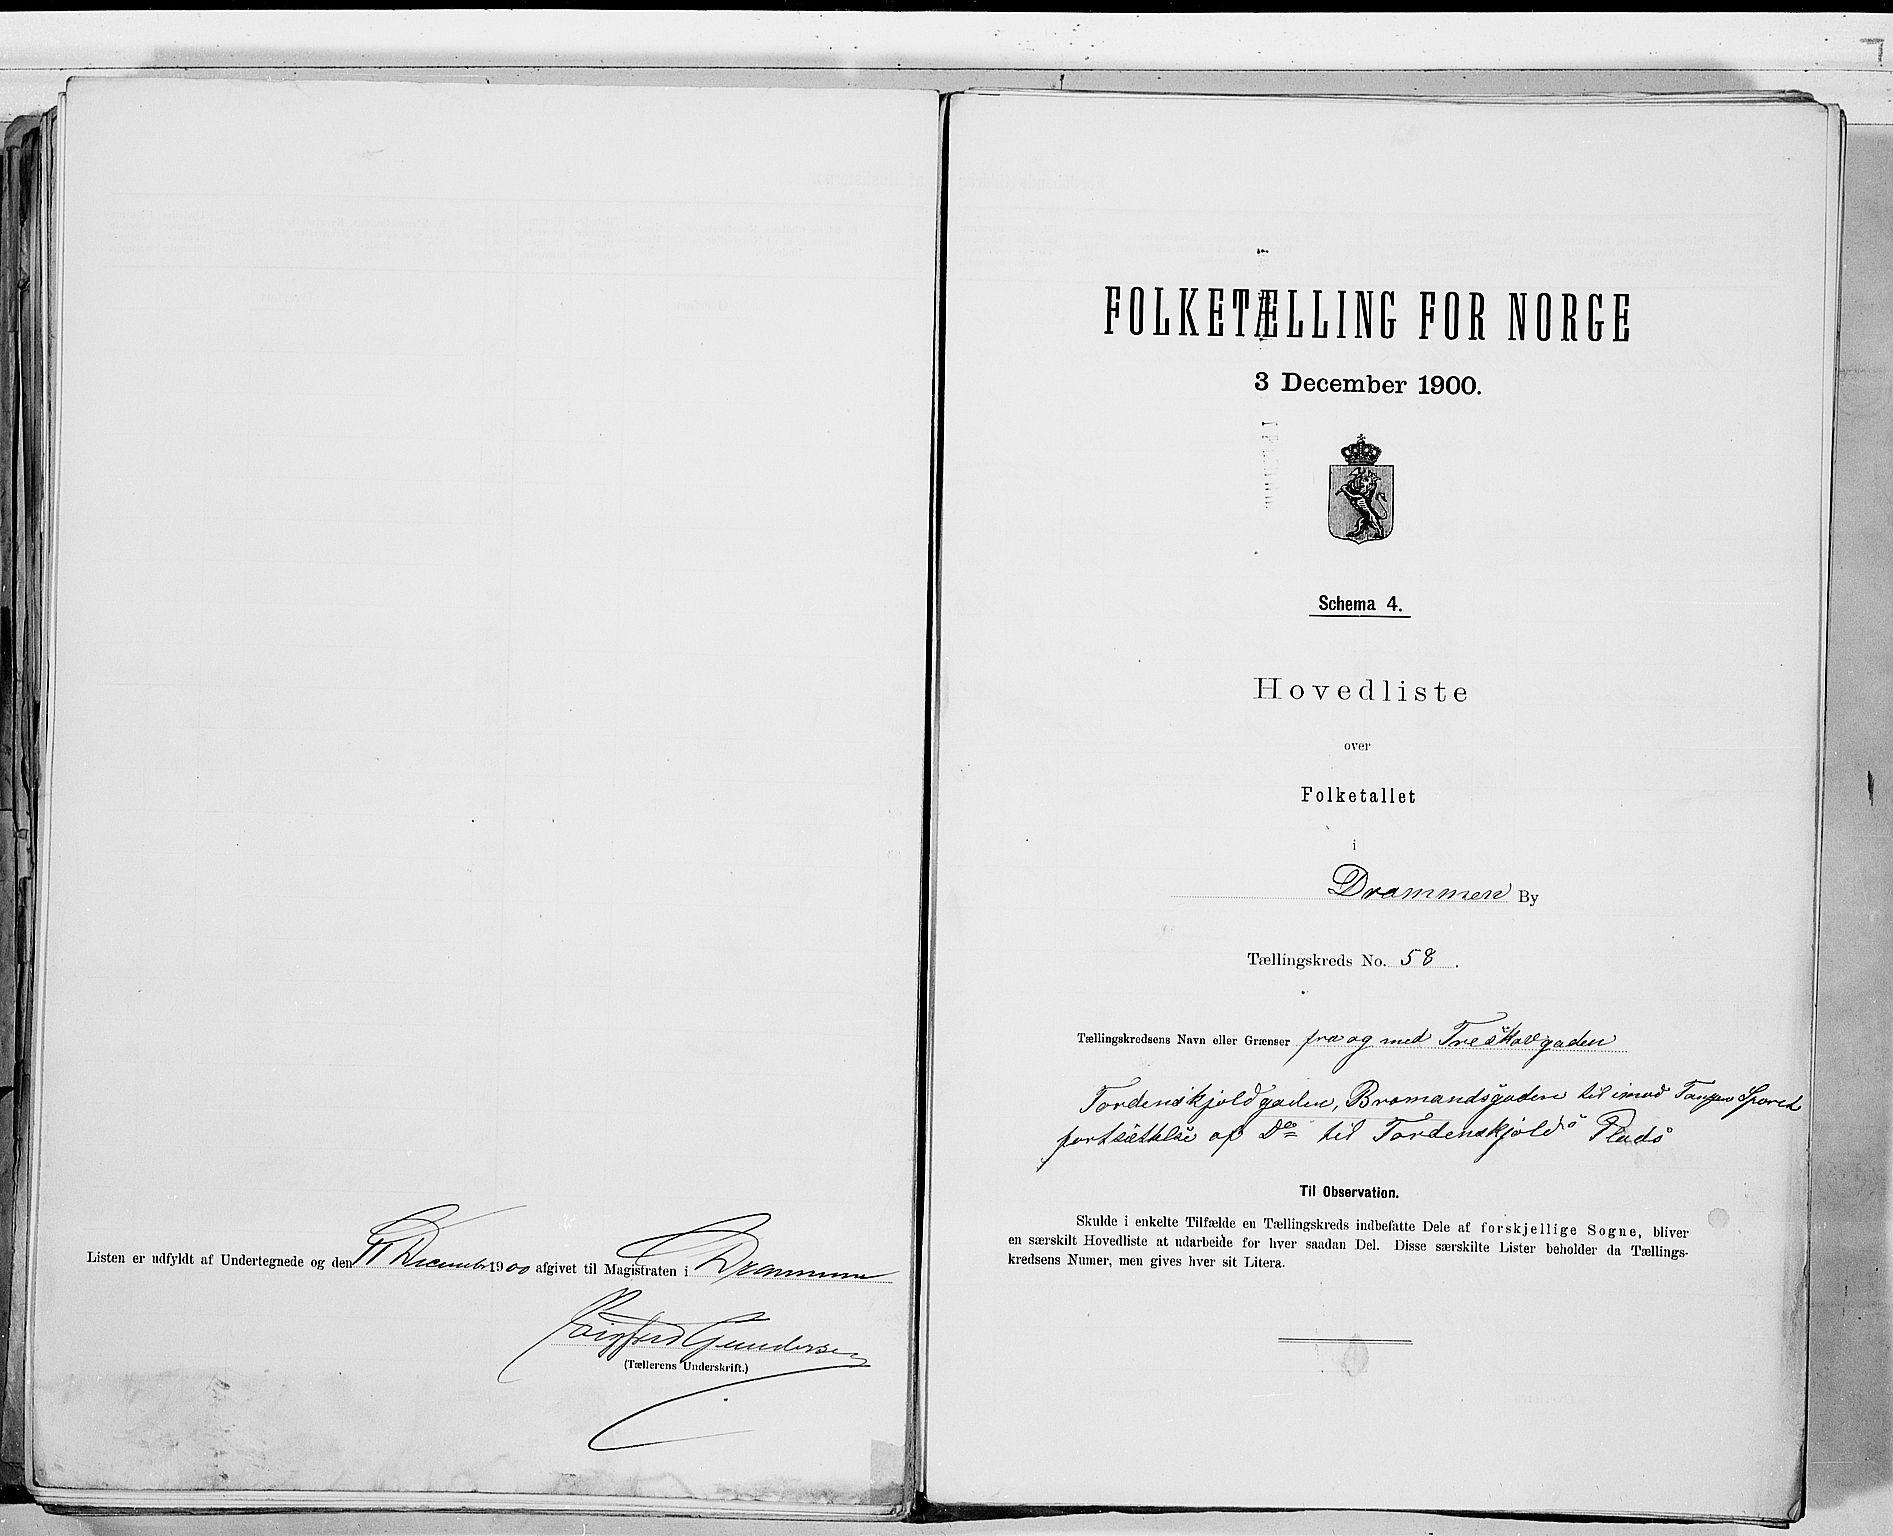 RA, Folketelling 1900 for 0602 Drammen kjøpstad, 1900, s. 121